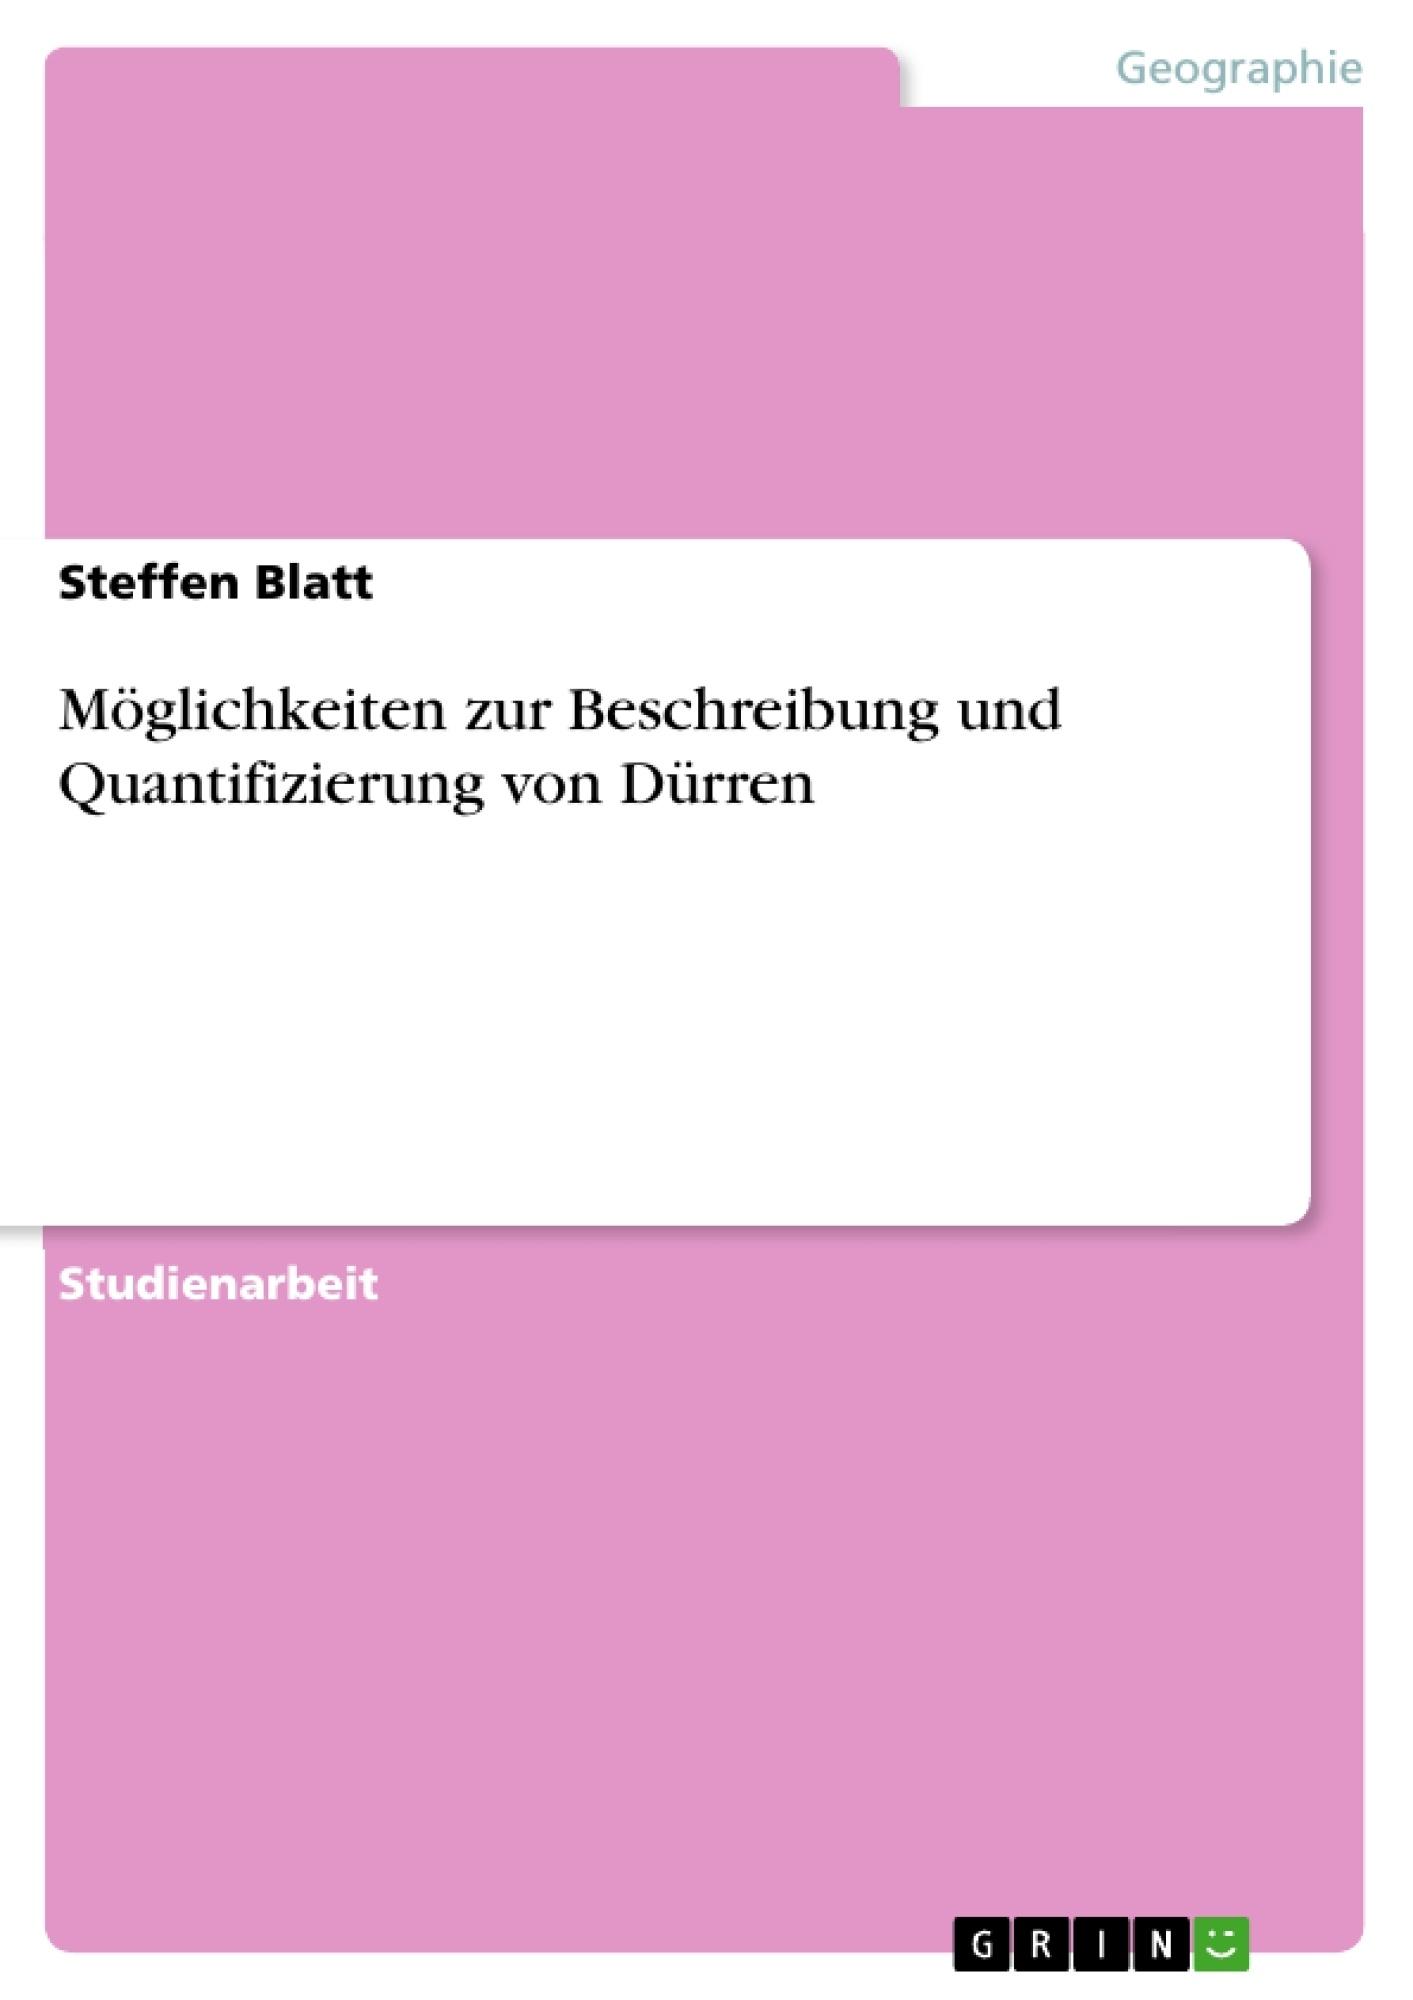 Titel: Möglichkeiten zur Beschreibung und Quantifizierung von Dürren